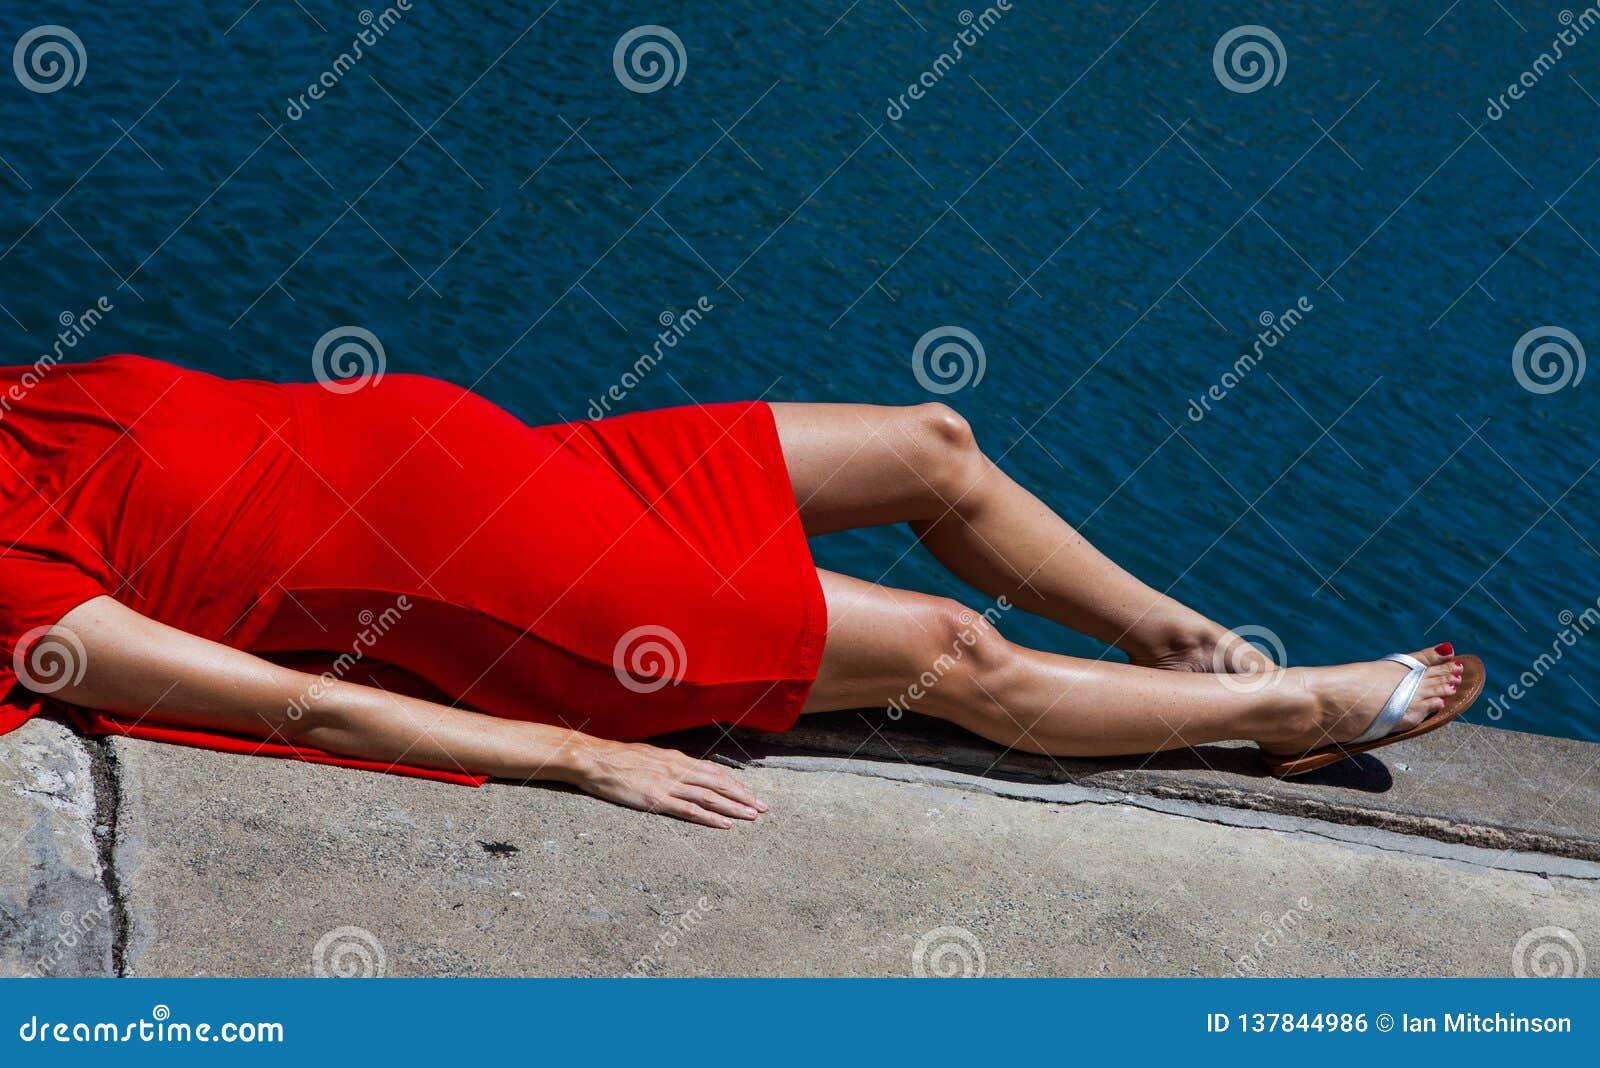 Blähen dünne zierliche schwangere Damen auf An sich hinlegen im roten Kleid